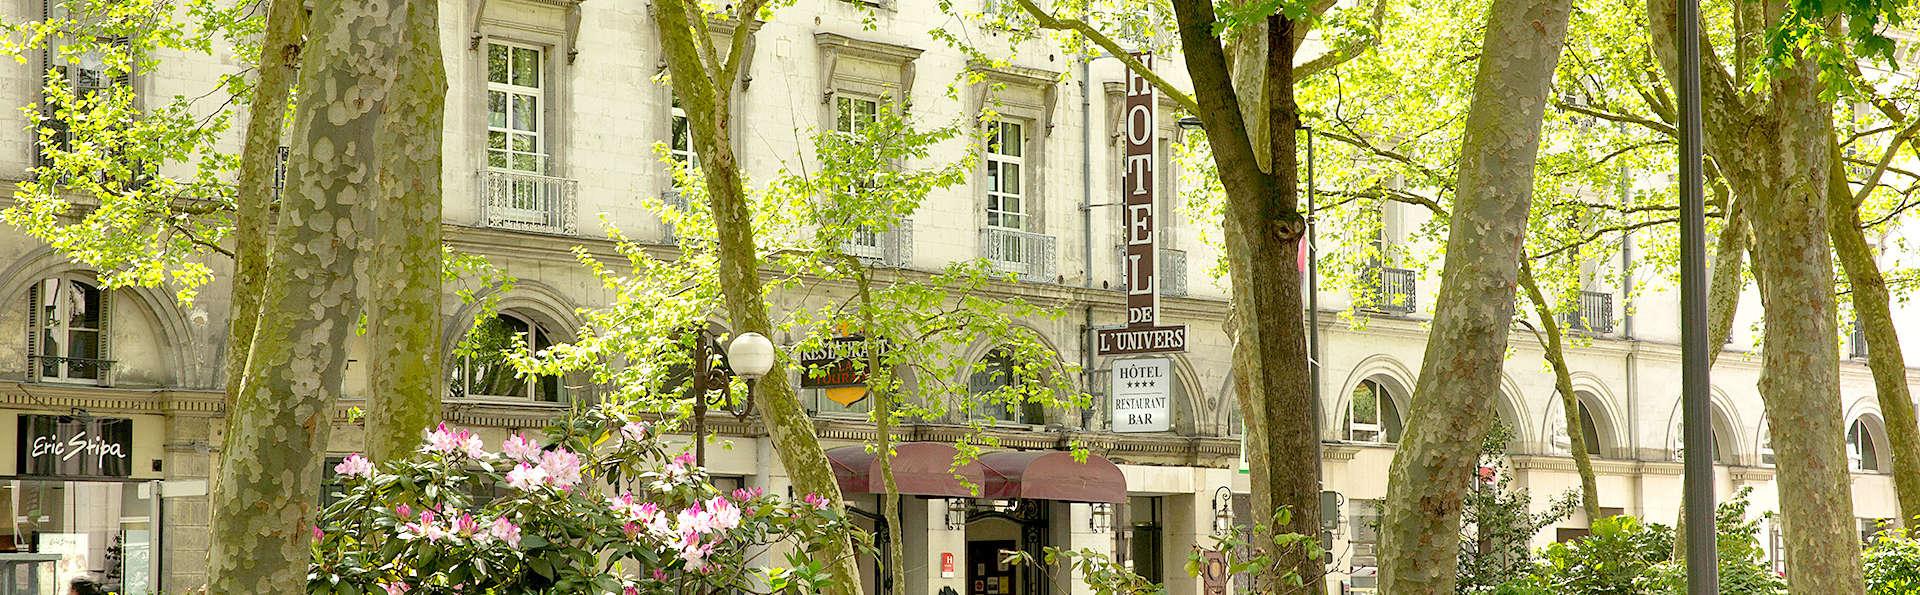 Hôtel Oceania l'Univers Tours - Edit_Front.jpg